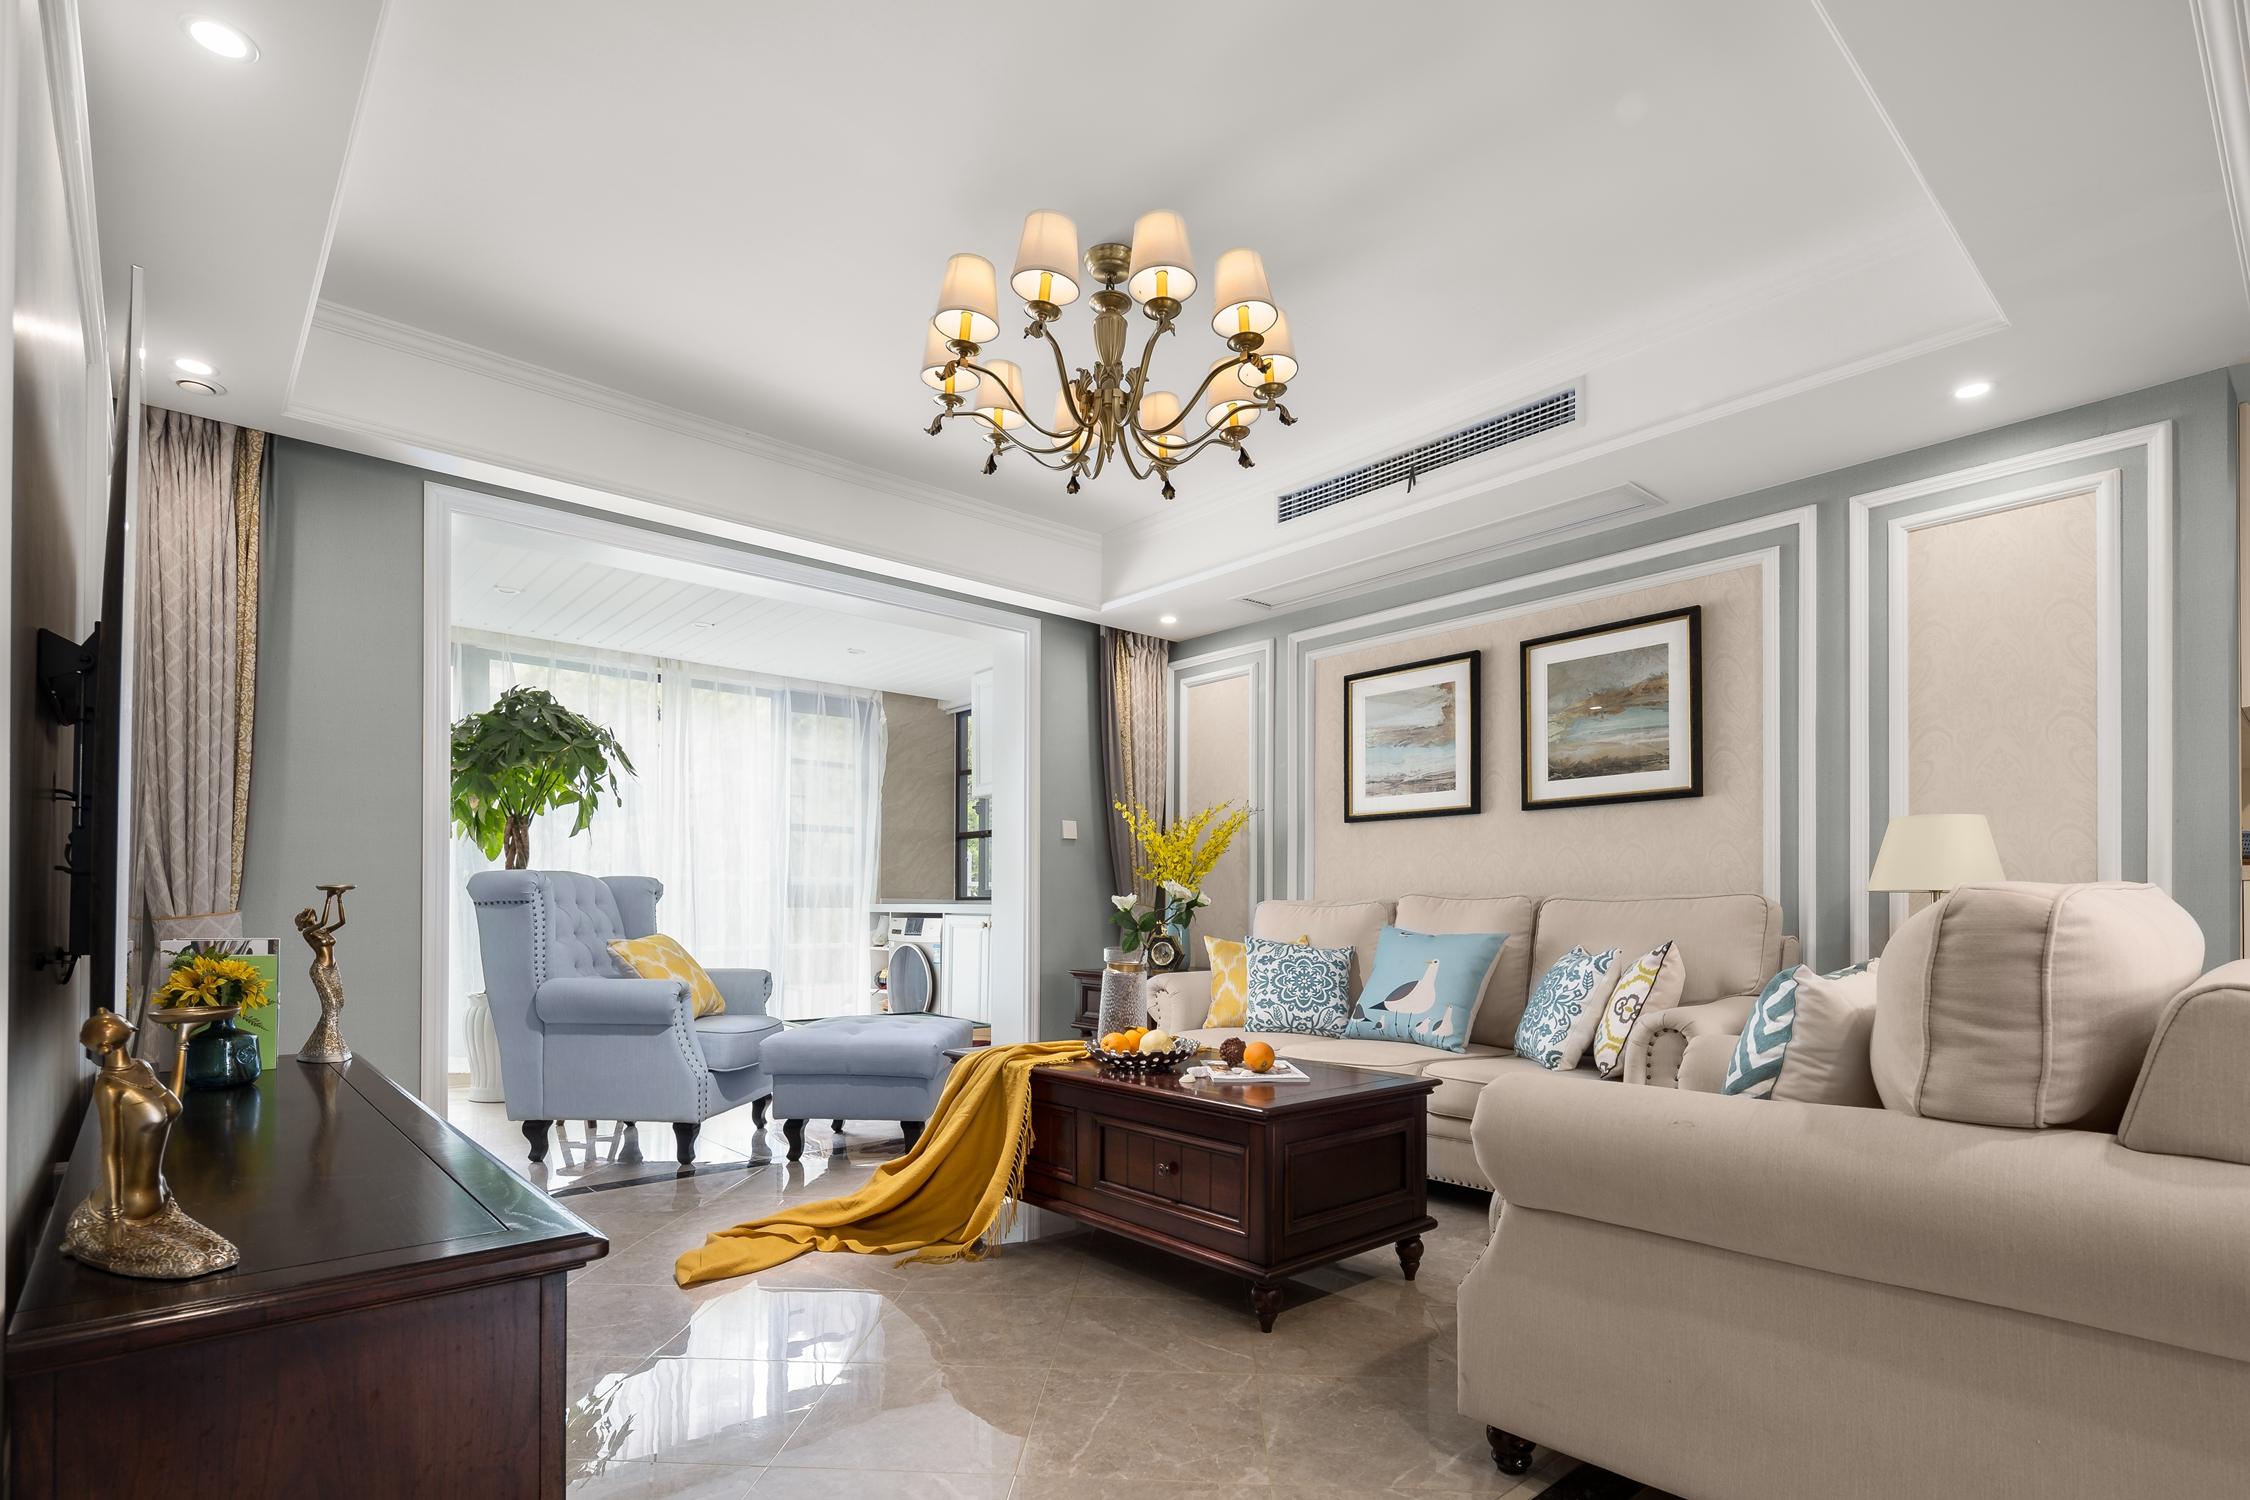 135㎡美式风格客厅沙发墙装修效果图